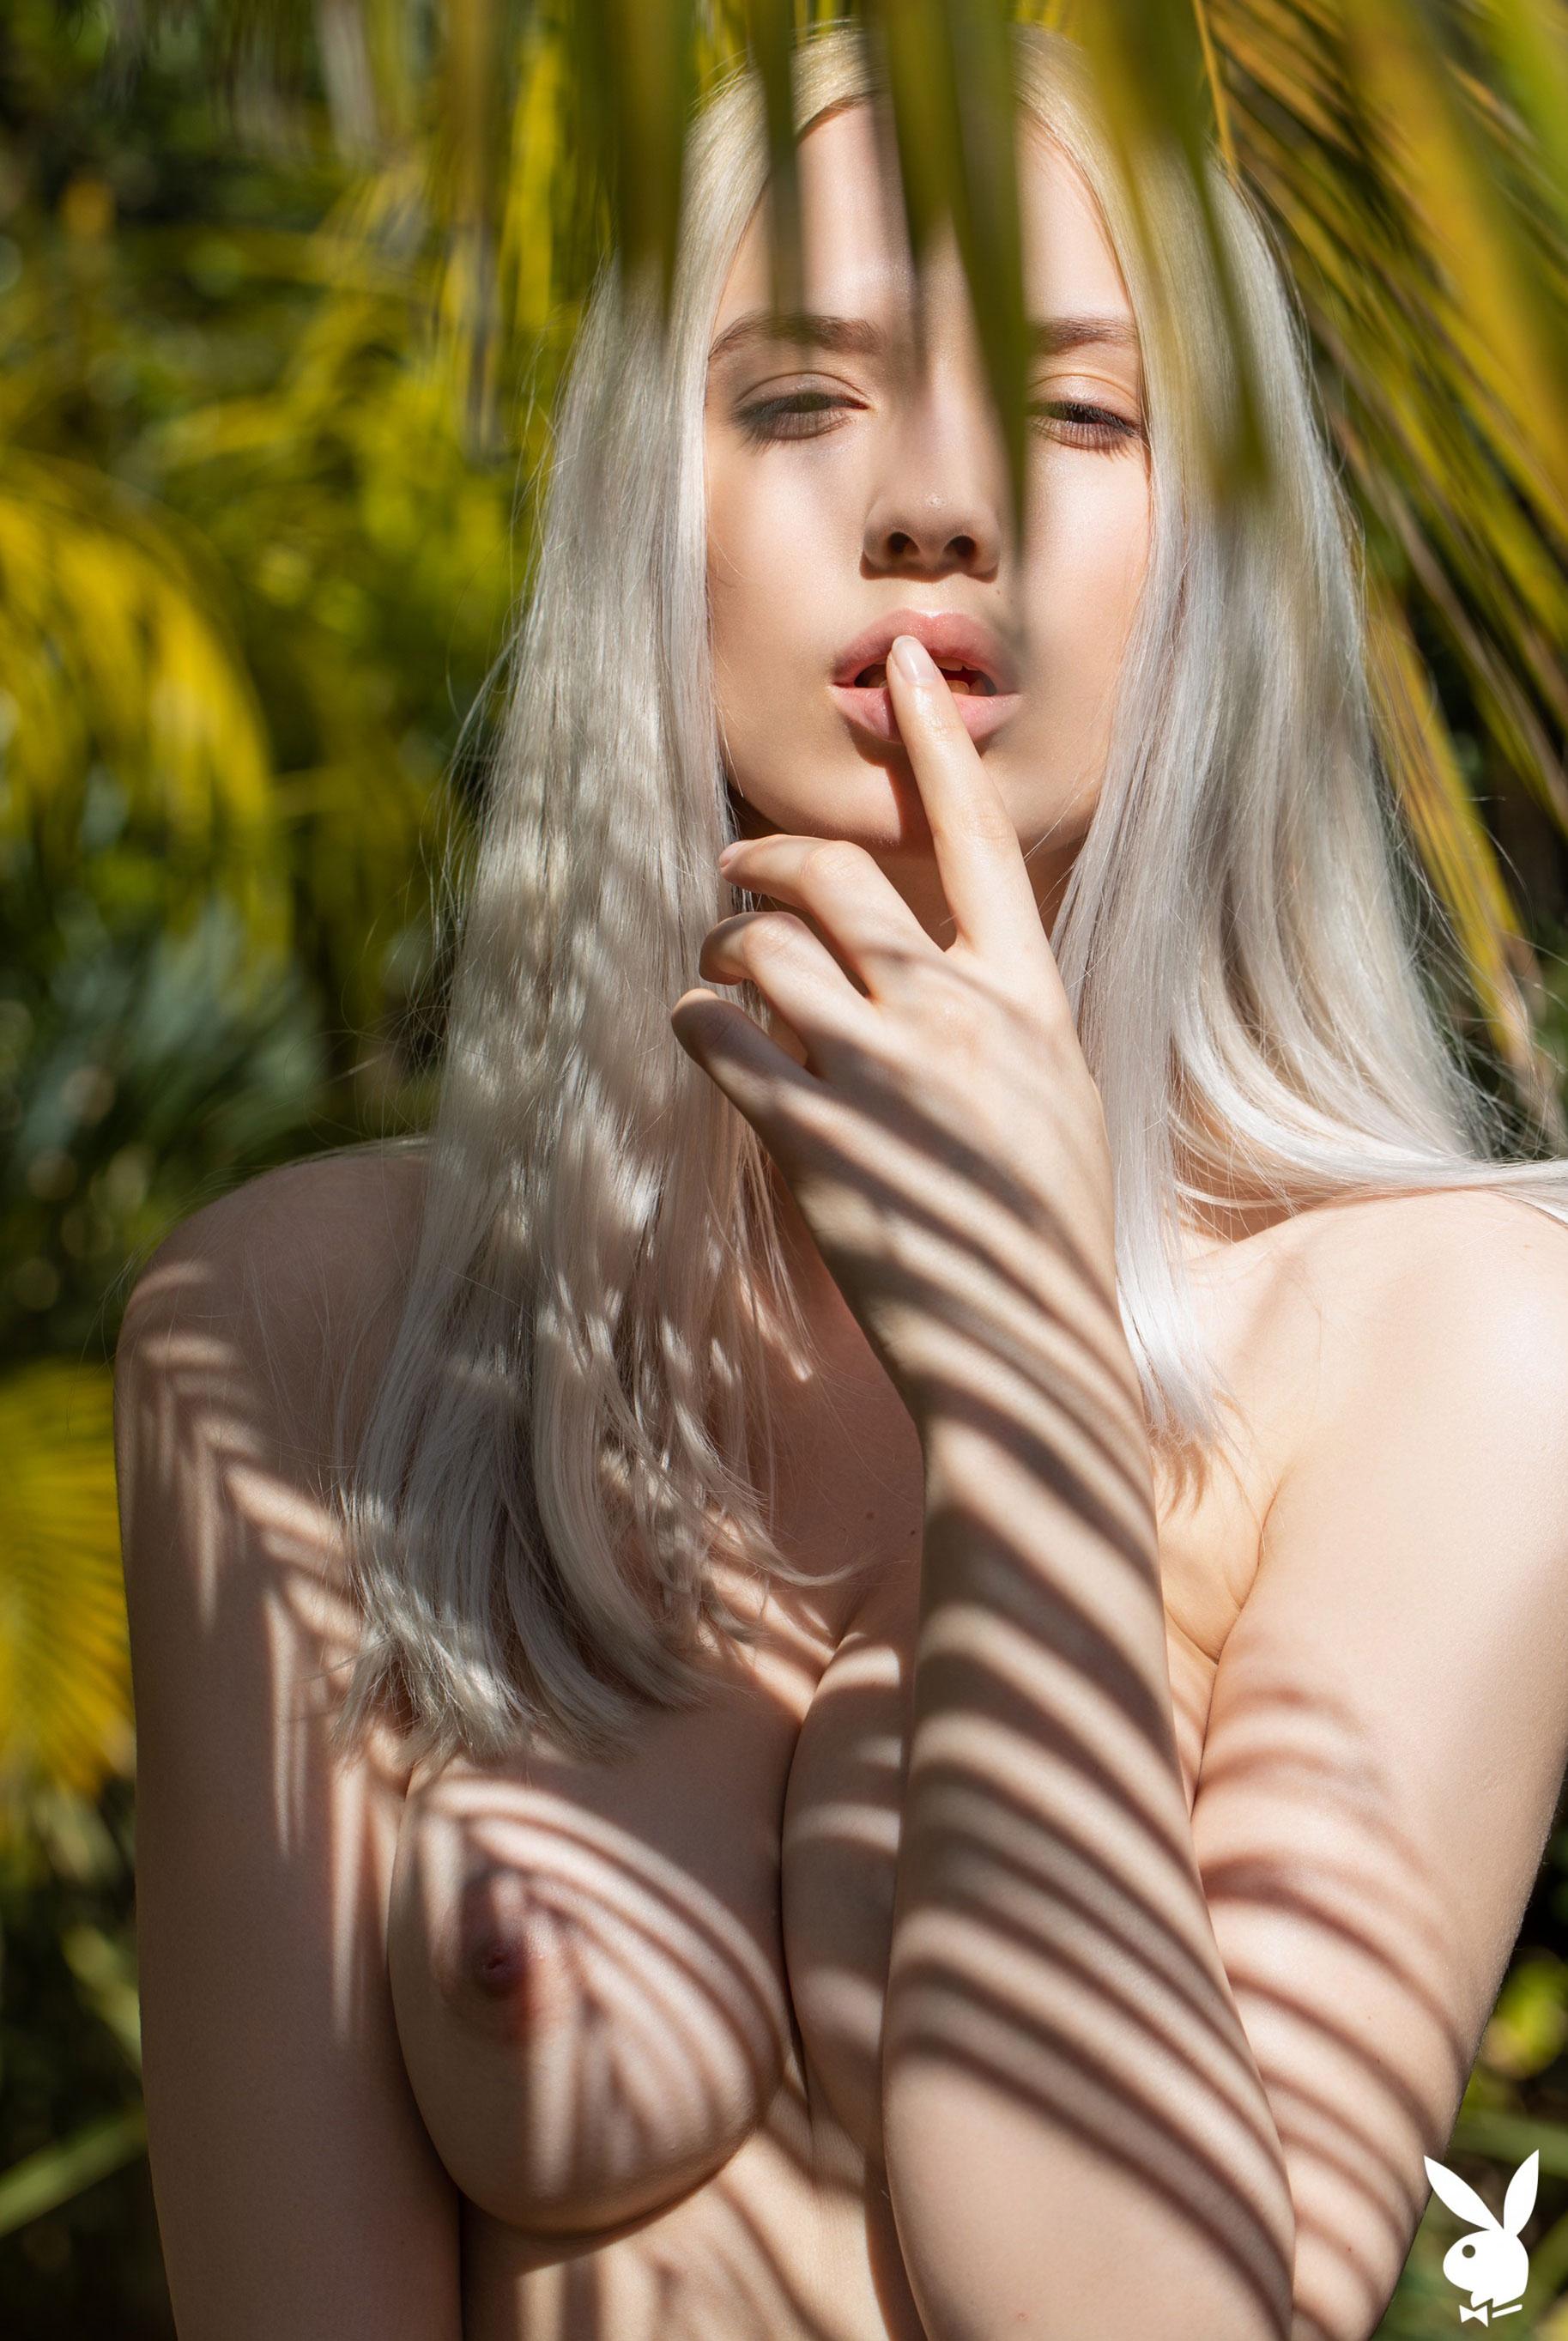 Сексуальная и голая Моника Васп в окружении тропических растений / фото 21